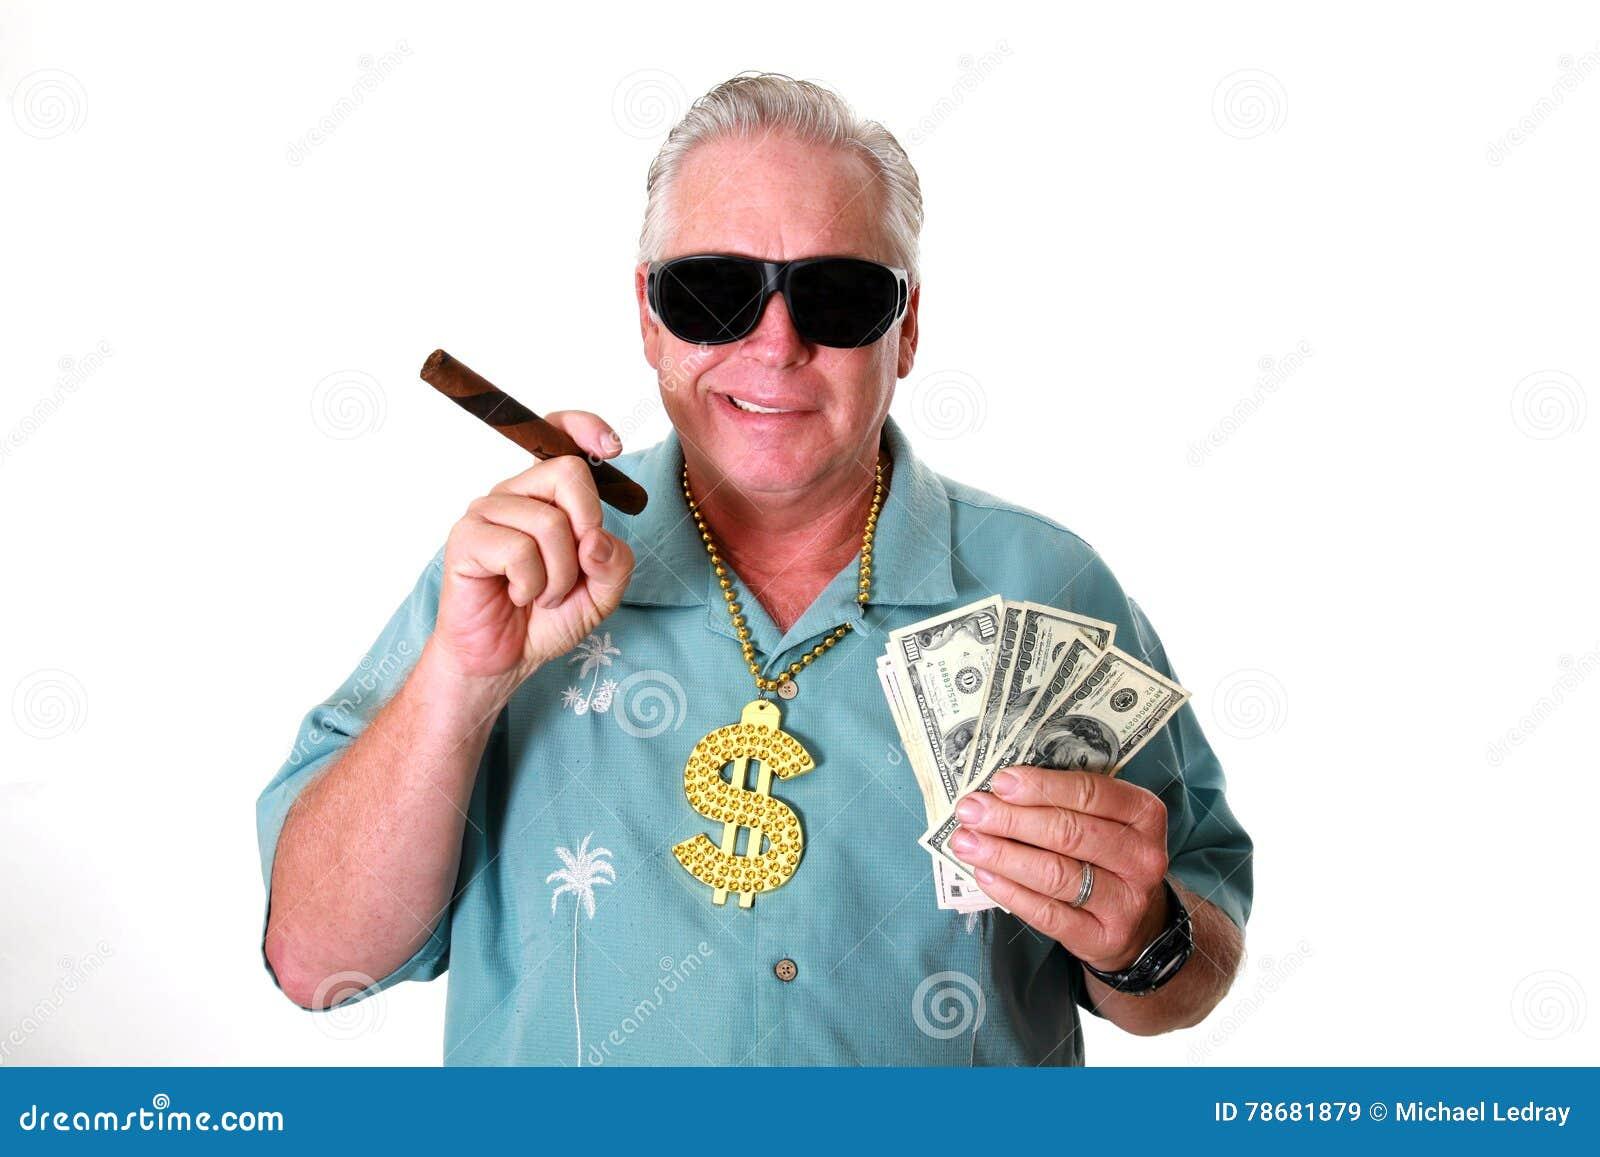 Ein Mann mit Geld Ein Mann gewinnt Geld Ein Mann hat Geld Ein Mann schnüffelt Geld Ein Mann liebt Geld Ein Mann und sein Geld Ein